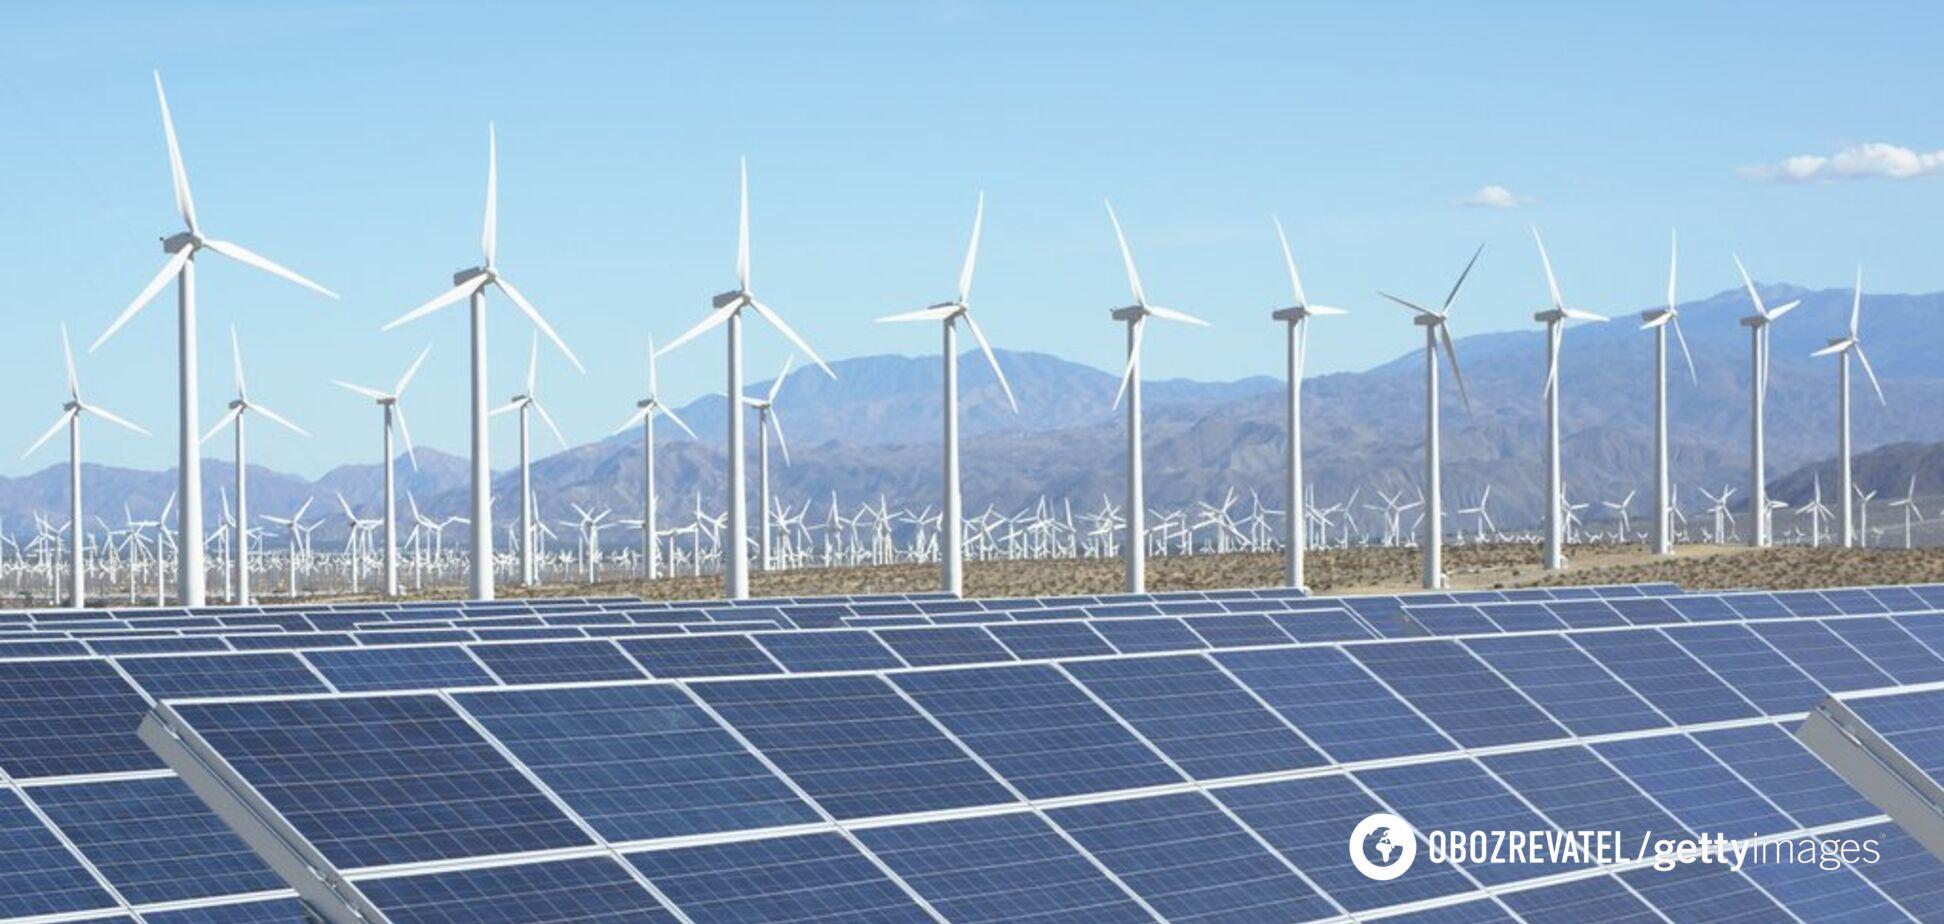 Відновлювальні джерела енергії в Україні зросли до 4,6 ГВт за 3 квартал 2019 року